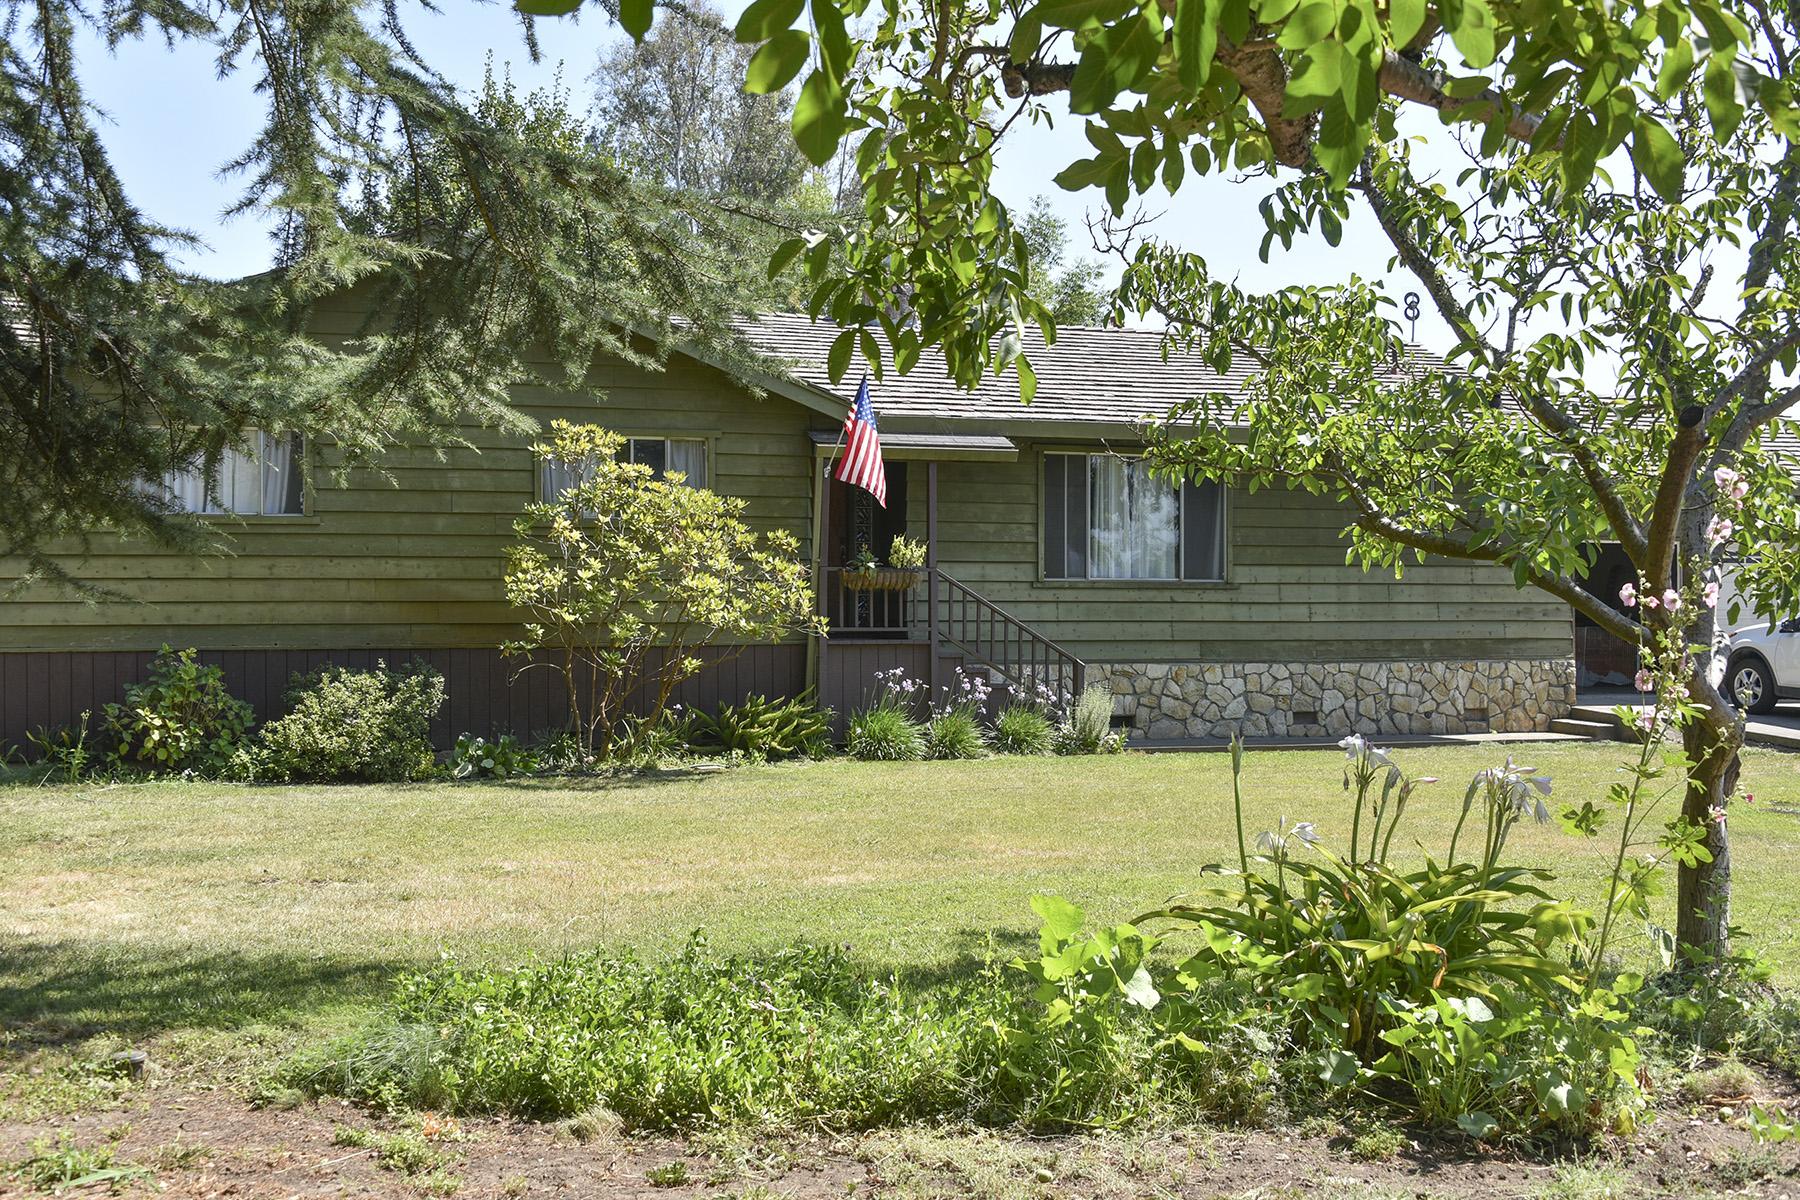 Casa Unifamiliar por un Venta en 1145 Ragatz Ln, Napa, CA 94558 1145 Ragatz Ln Napa, California, 94558 Estados Unidos